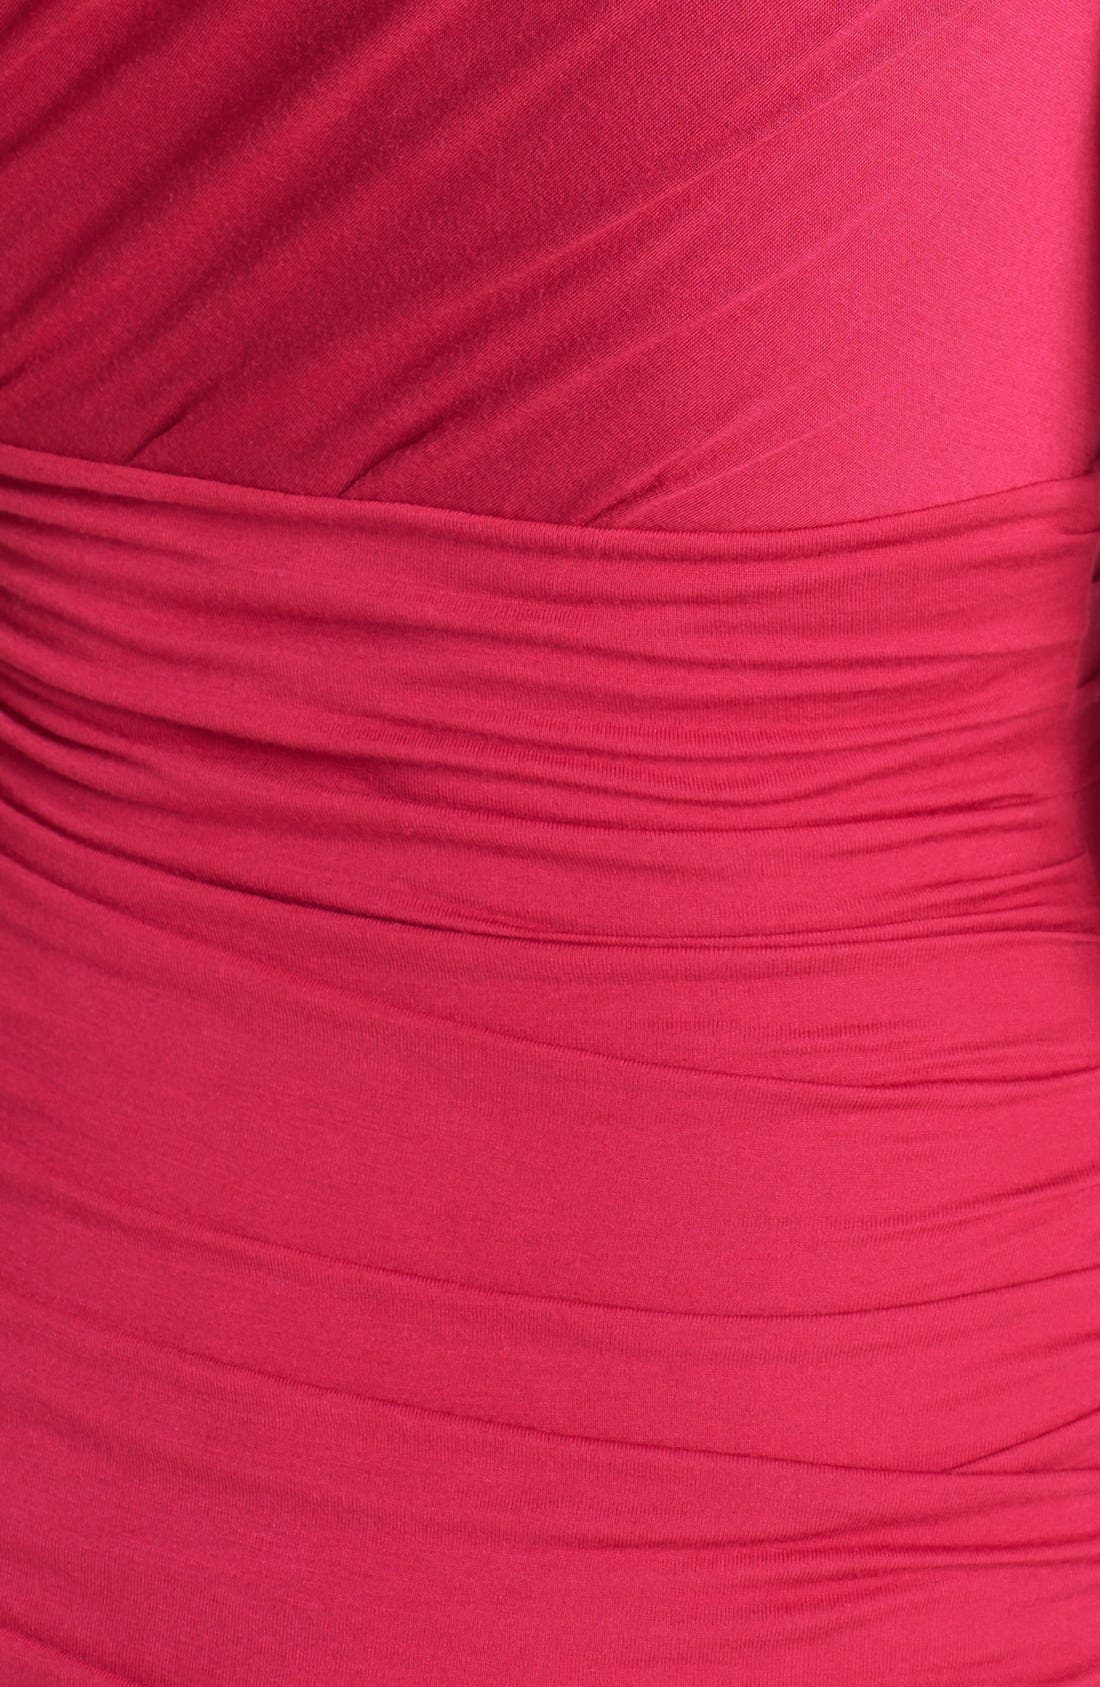 Alternate Image 3  - Diane von Furstenberg 'Angelina' Ruched Knit Sleeveless Dress